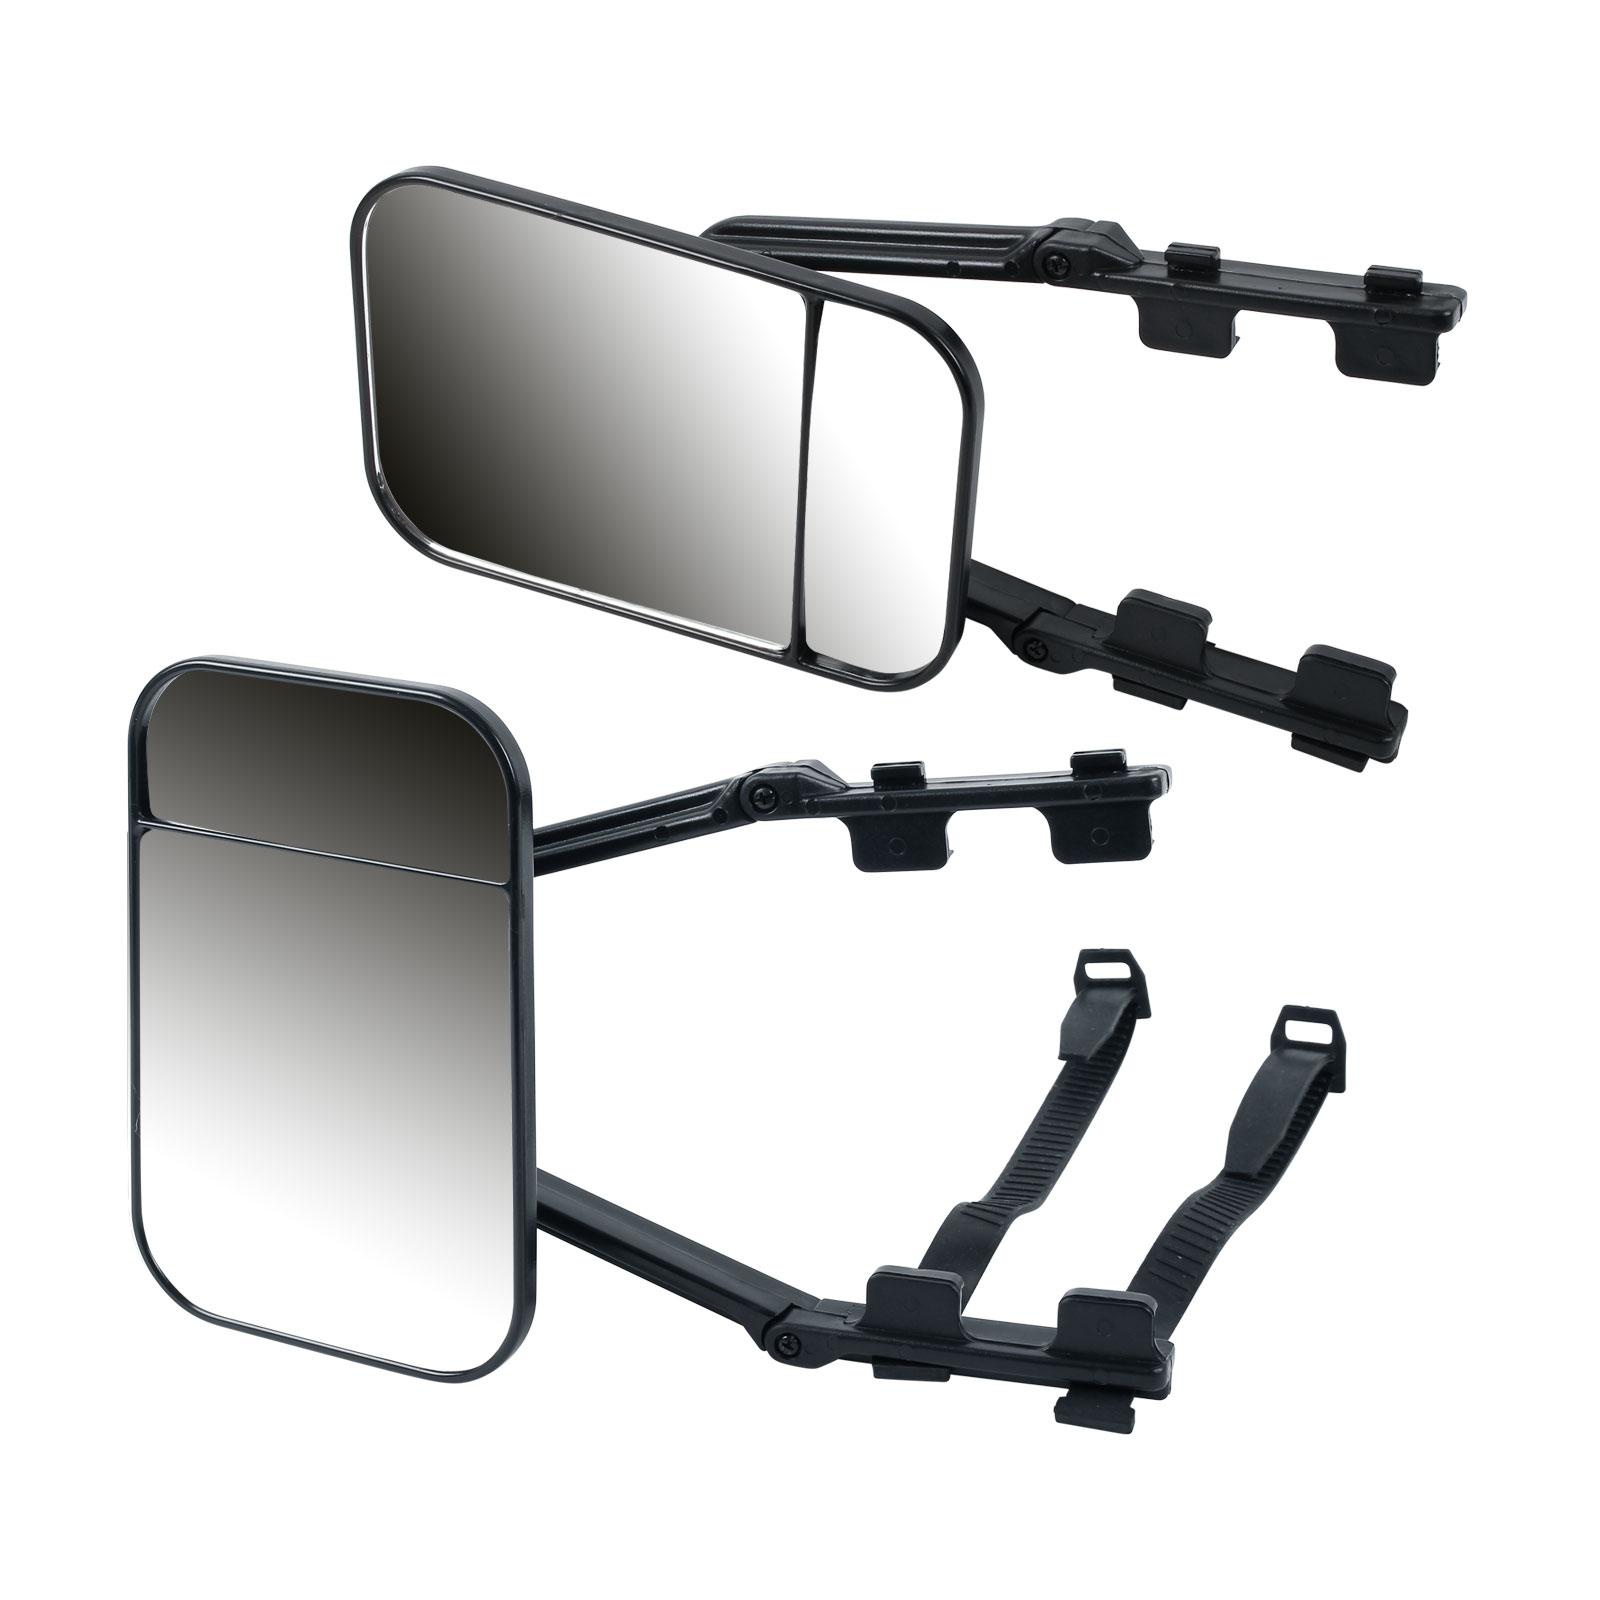 2x Wohnwagenspiegel Erweiterung E geprüft, konvex, universal, schwarz